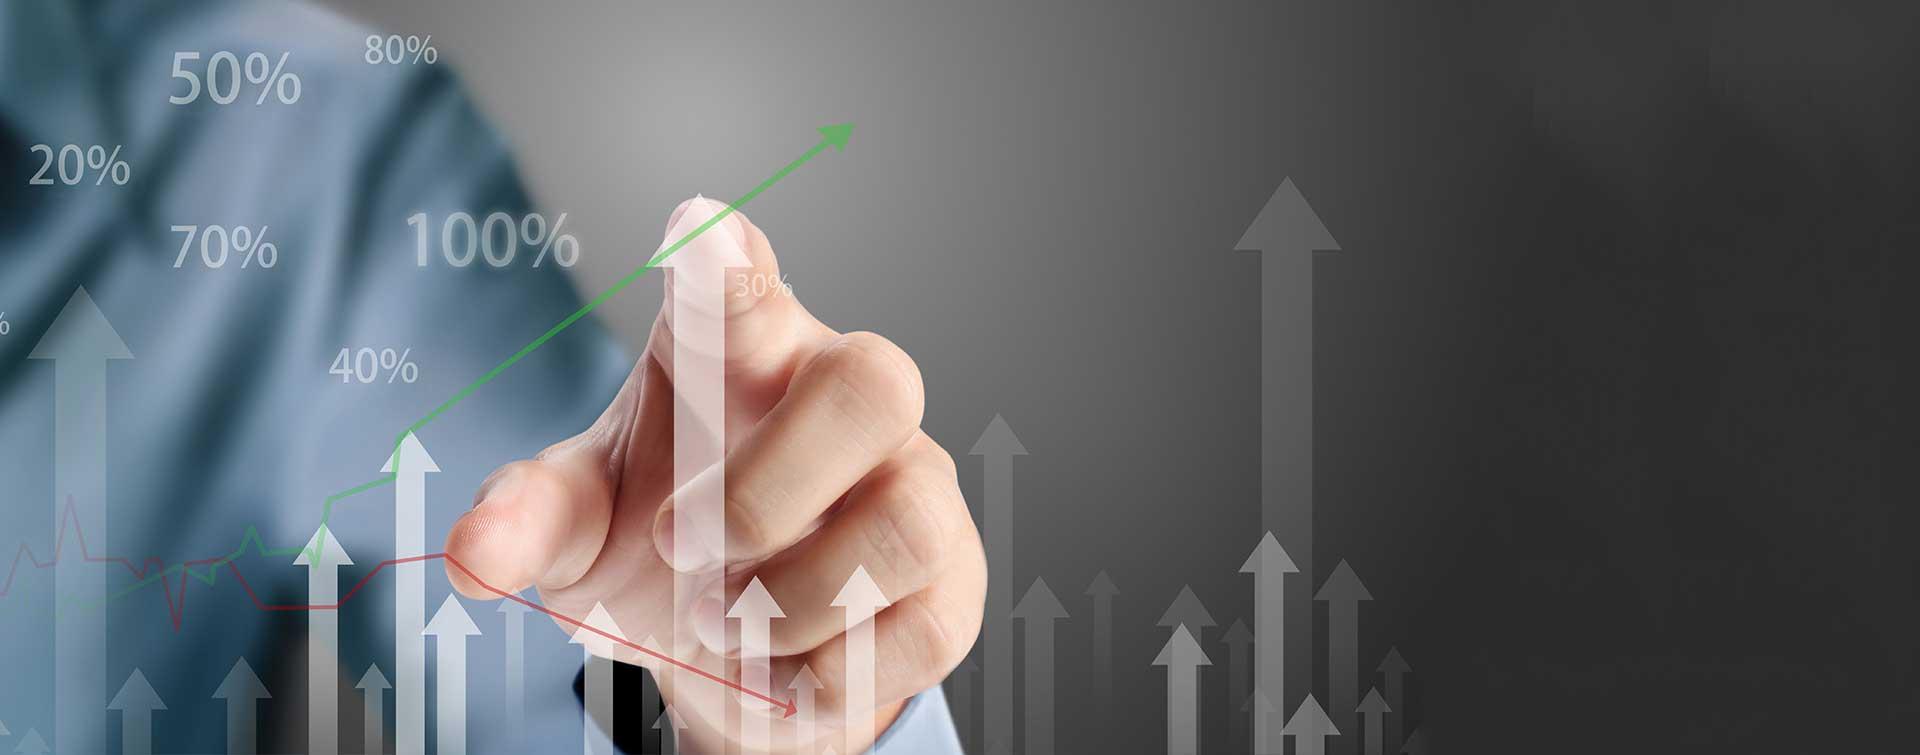 evoluzione-ufficio-innovatiozione